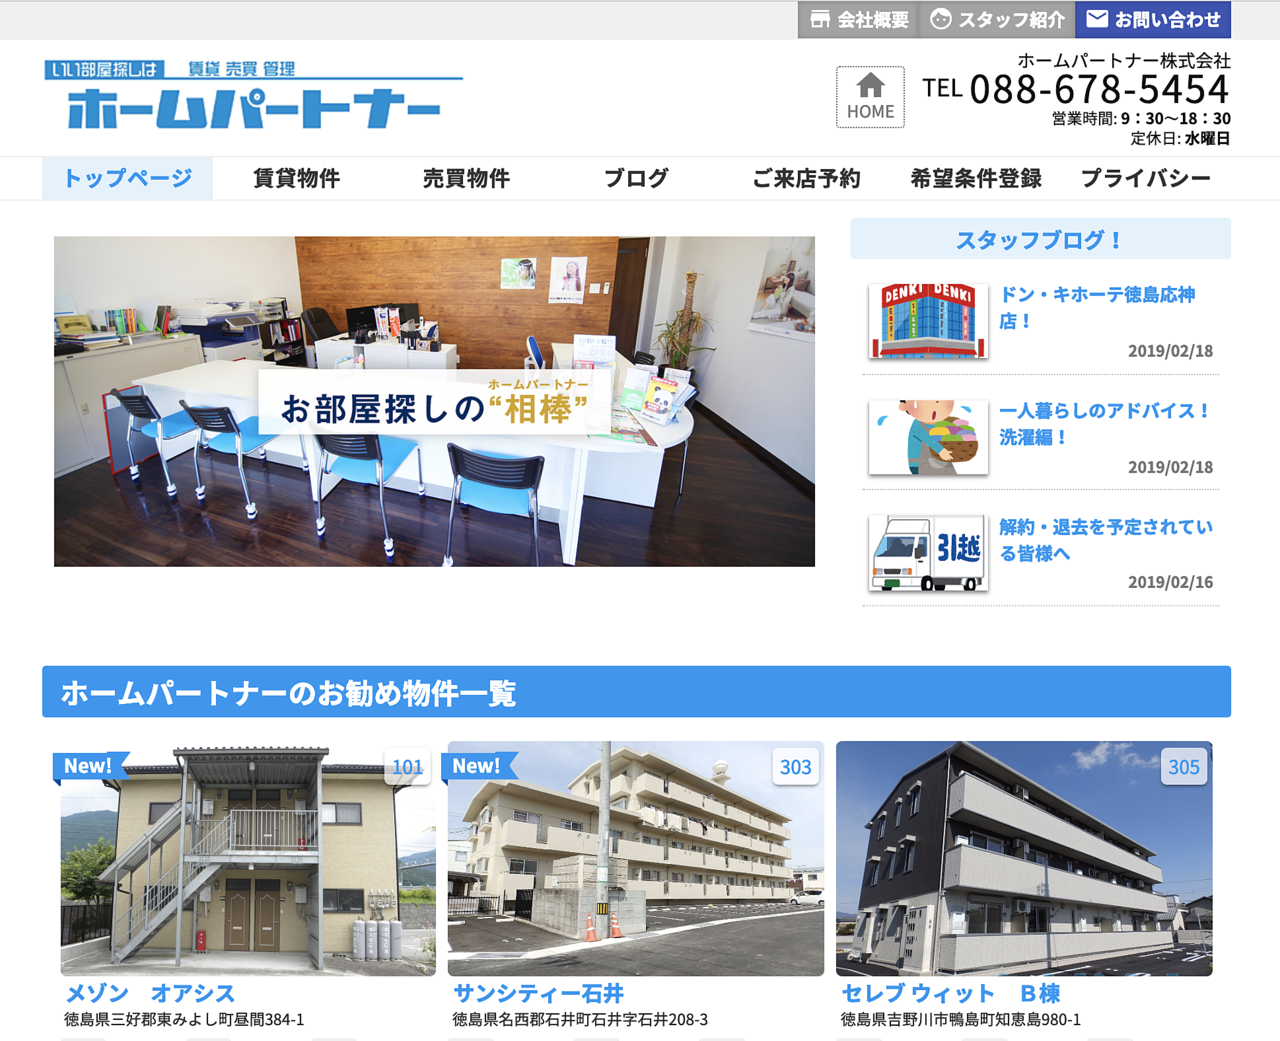 徳島市の不動産会社ホームパートナー